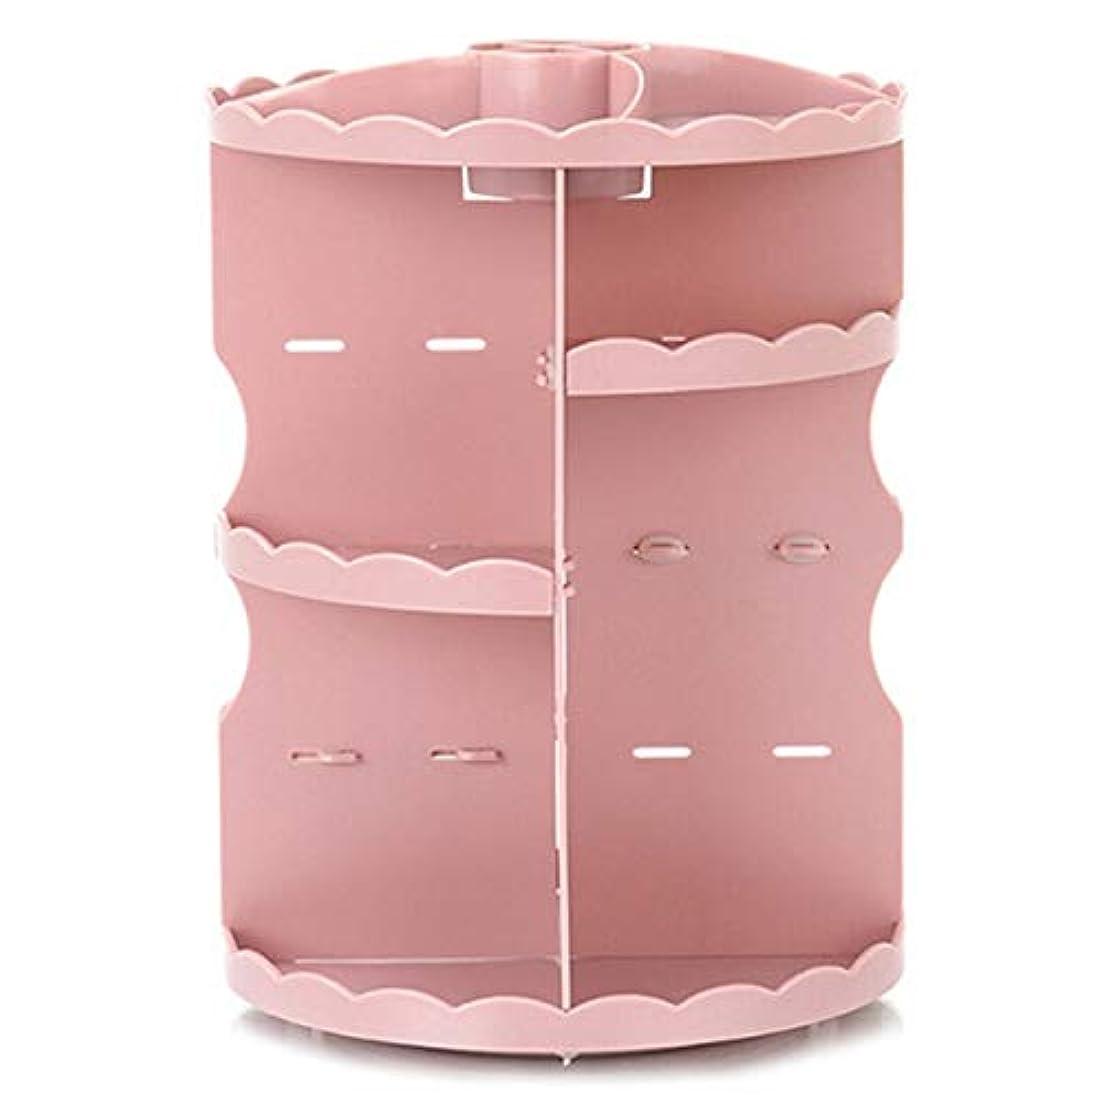 モールなしで引き金TOOGOO 360度回転化粧オーガナイザー、調整可能な多機能化粧品収納ユニット、さまざまなタイプの化粧品とアクセサリーに対応 ピンク